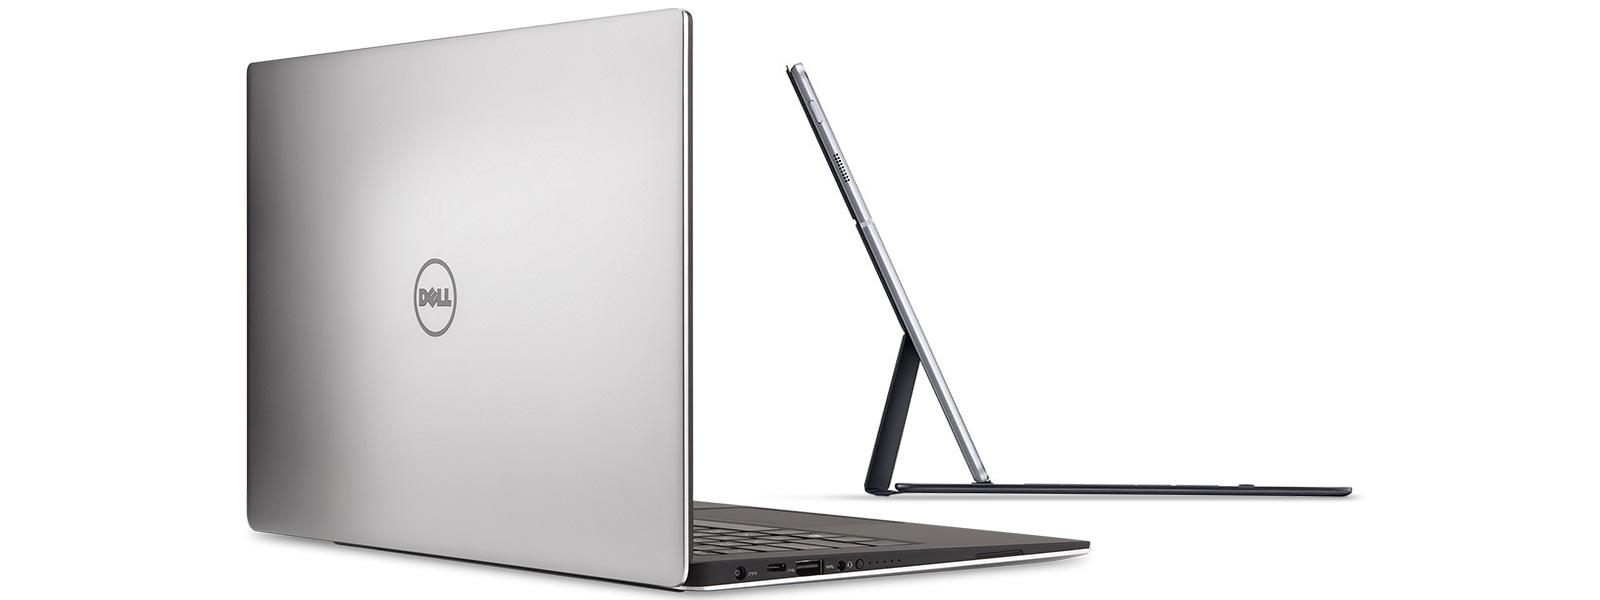 Φορητός υπολογιστής Dell με Windows 10